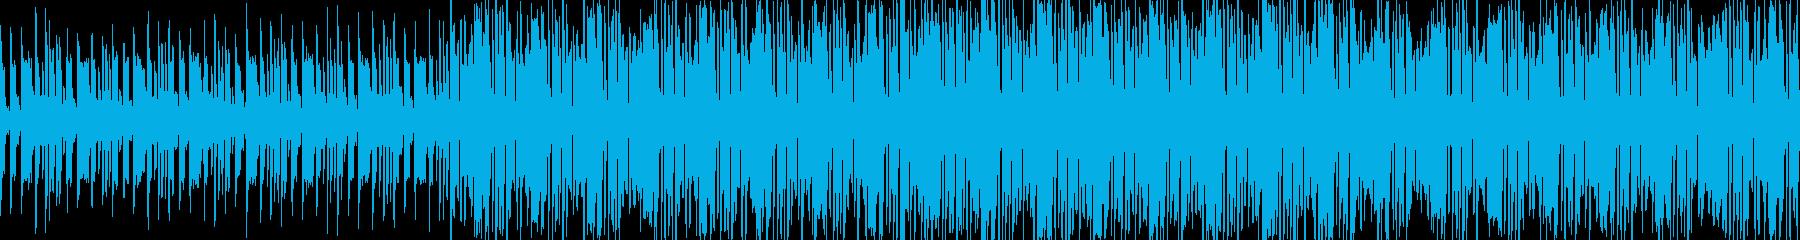 電子音をふんだんに使った曲。の再生済みの波形